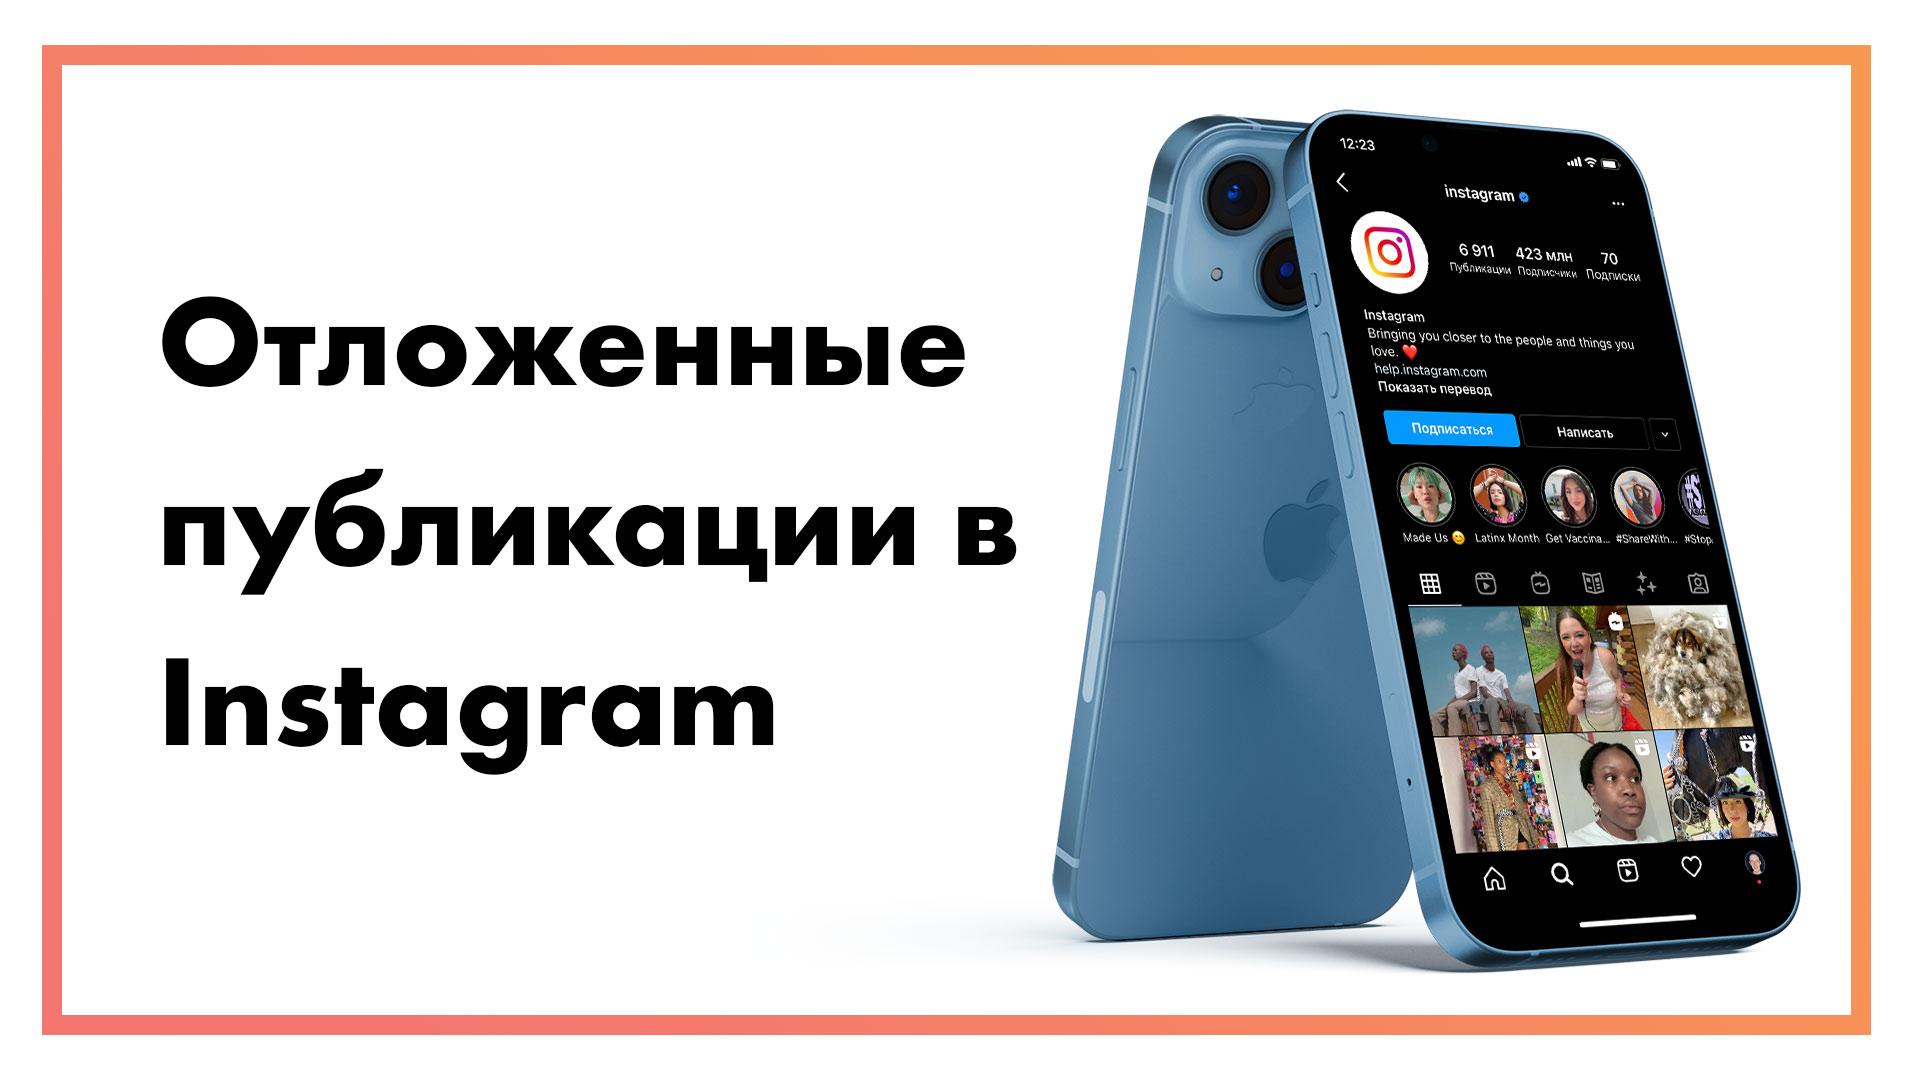 Отложенные-посты-в-Instagram-_-5-сервисов-для-отложенной-публикации.jpg